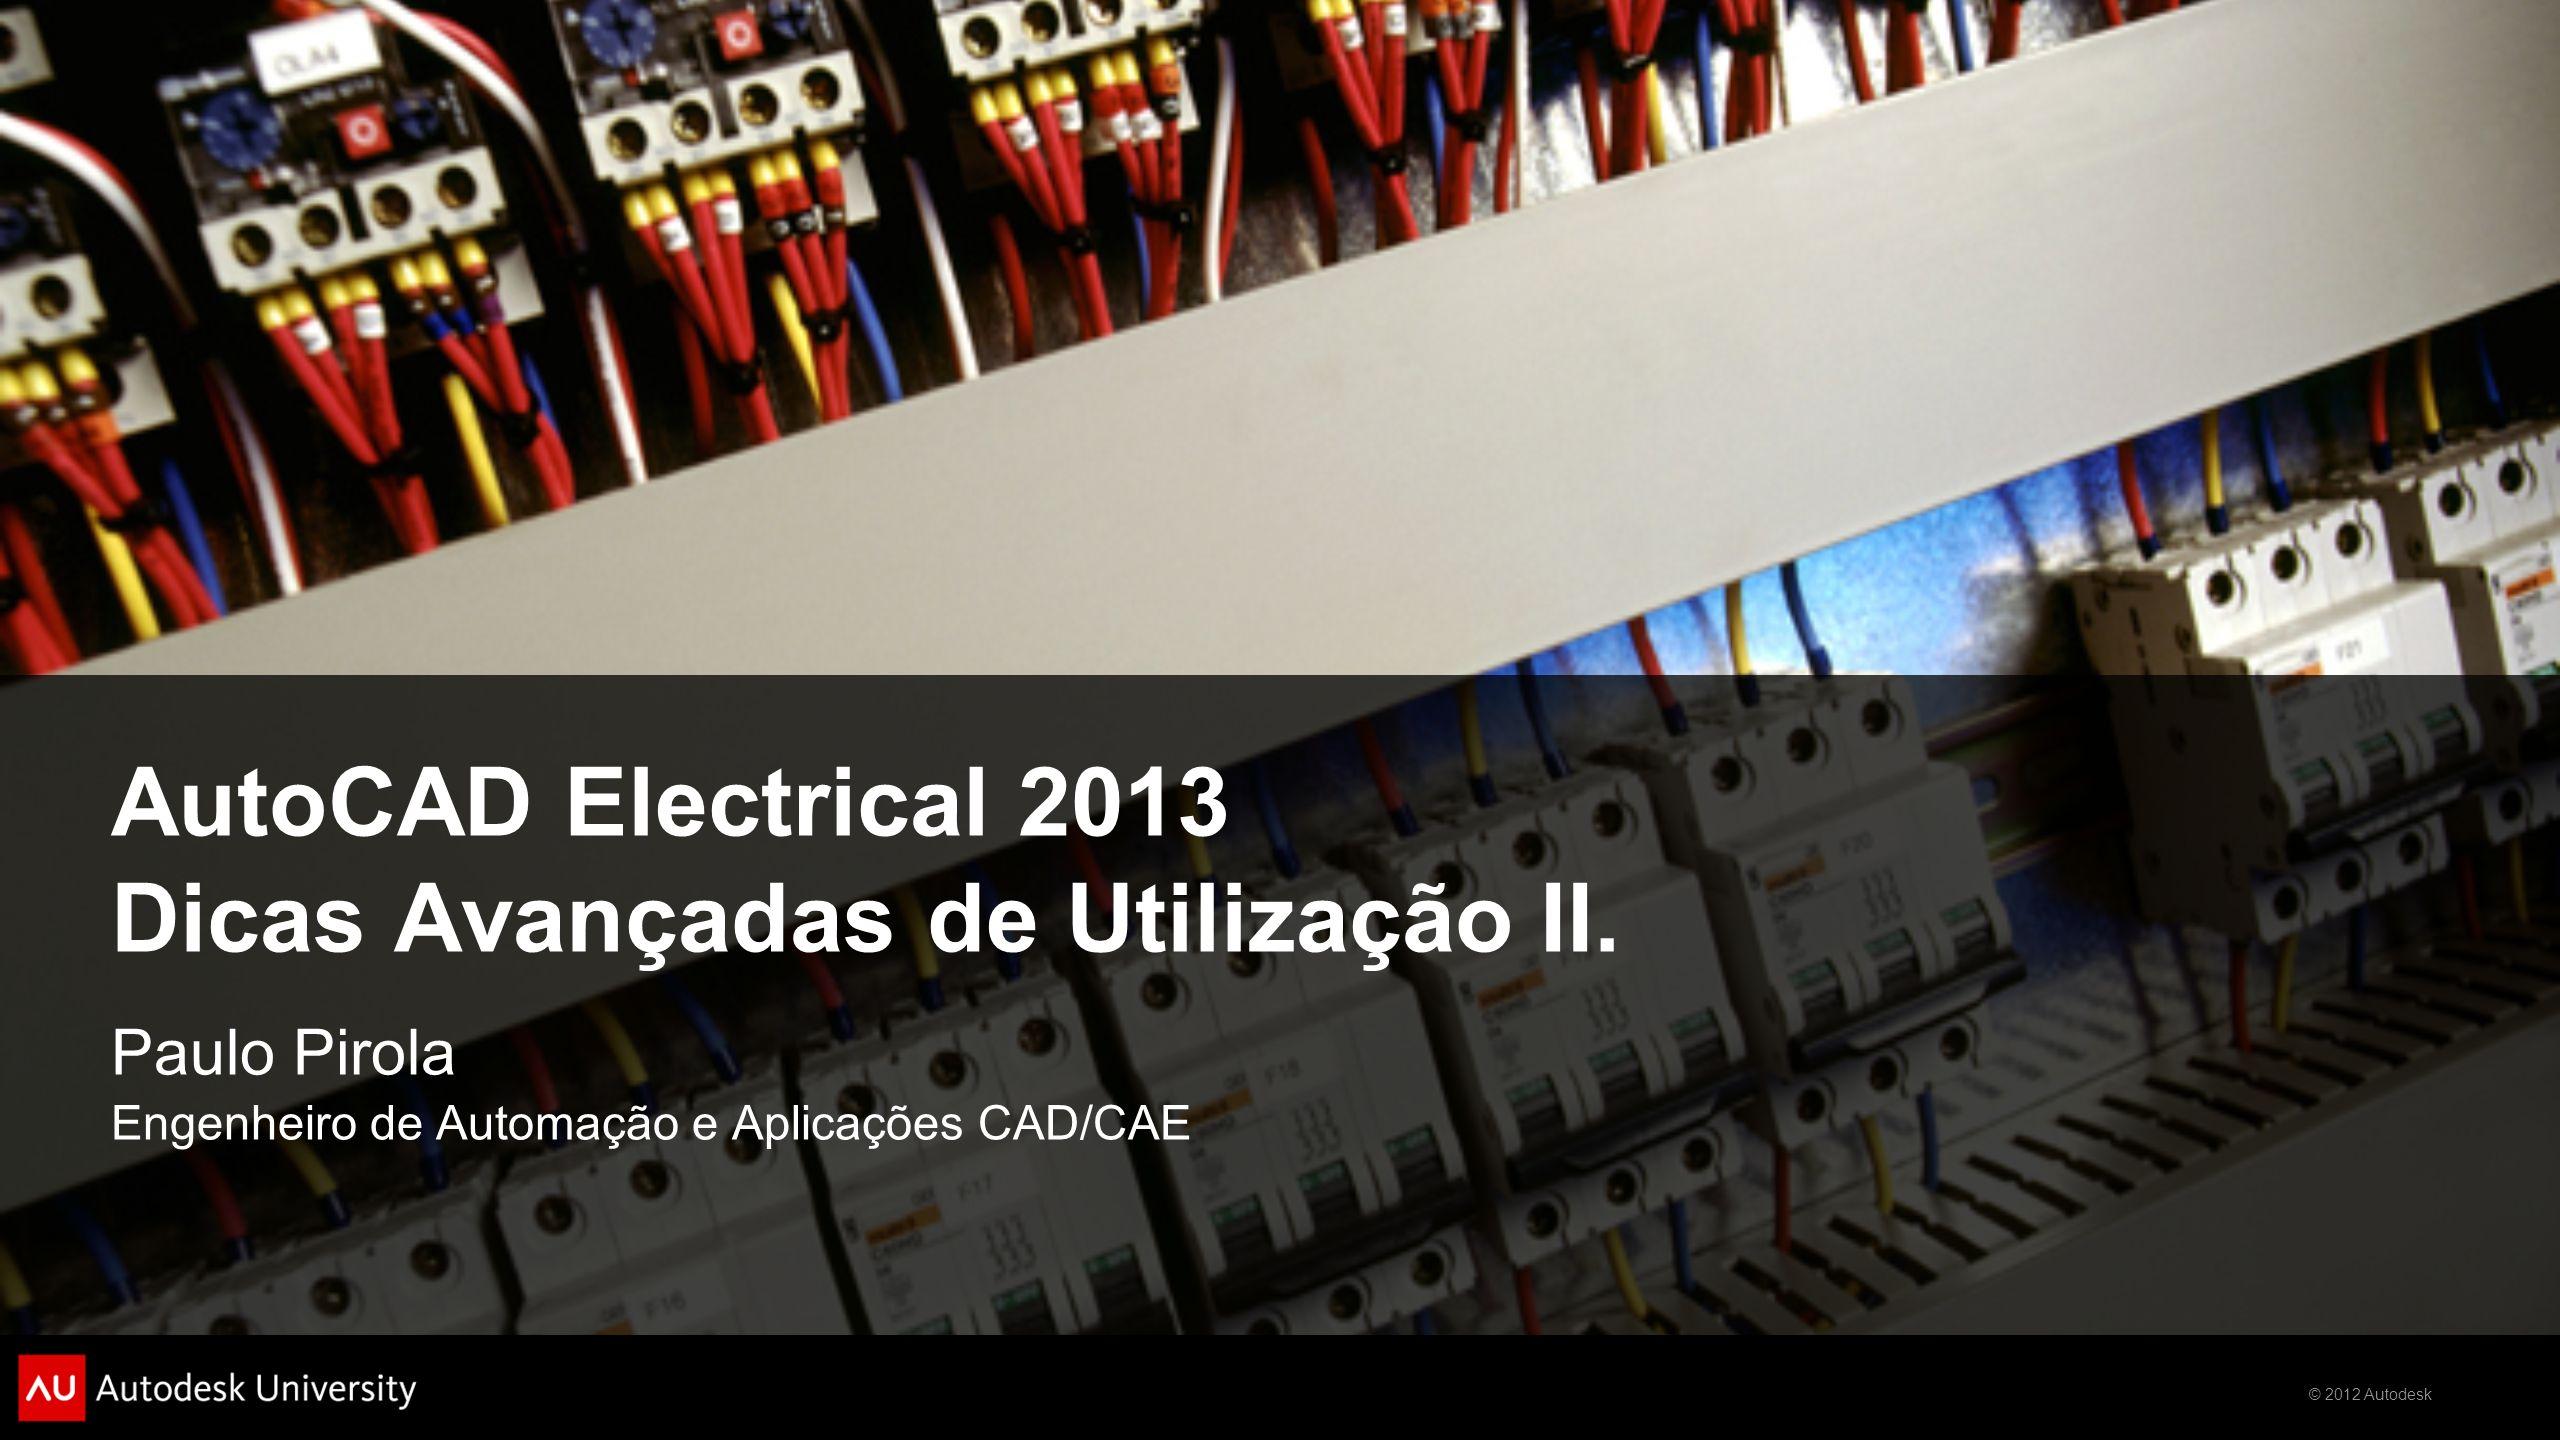 AutoCAD Electrical 2013 Dicas Avançadas de Utilização II.